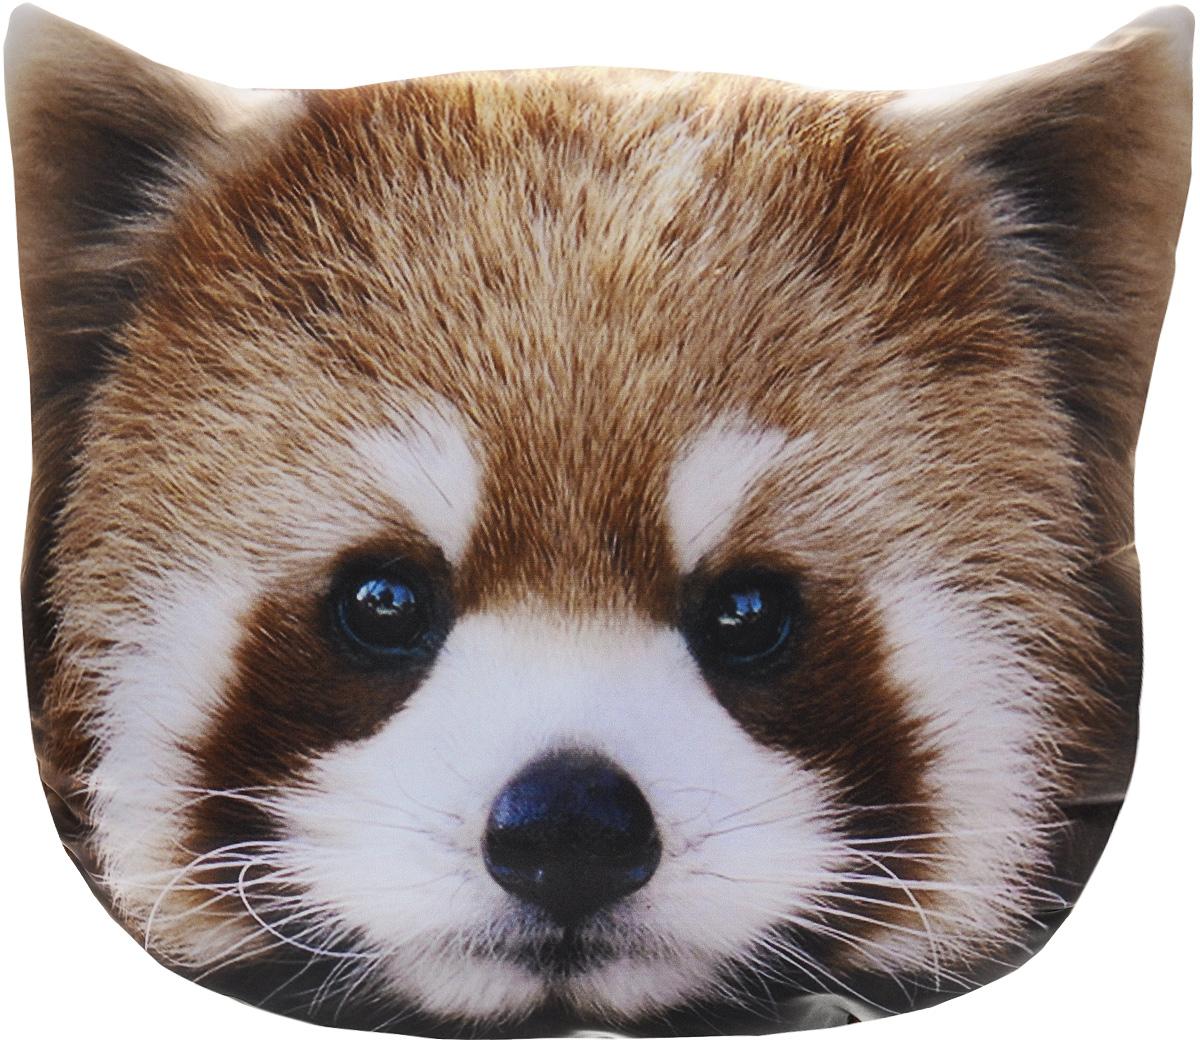 Подушка декоративная GiftnHome Красная панда, 40 х 40 cмPLW-Face ЛисенокДекоративная подушка GiftnHome Красная панда - это яркое украшение вашего дома. Чехол выполнен из гладкого и приятного на ощупь атласа (искусственного шелка). Лицевая сторона украшена красочным изображением. Чехол застегивается на молнию. Внутренний наполнитель подушки - холлофайбер. Красивая подушка создаст в доме уют и станет прекрасным элементом декора.